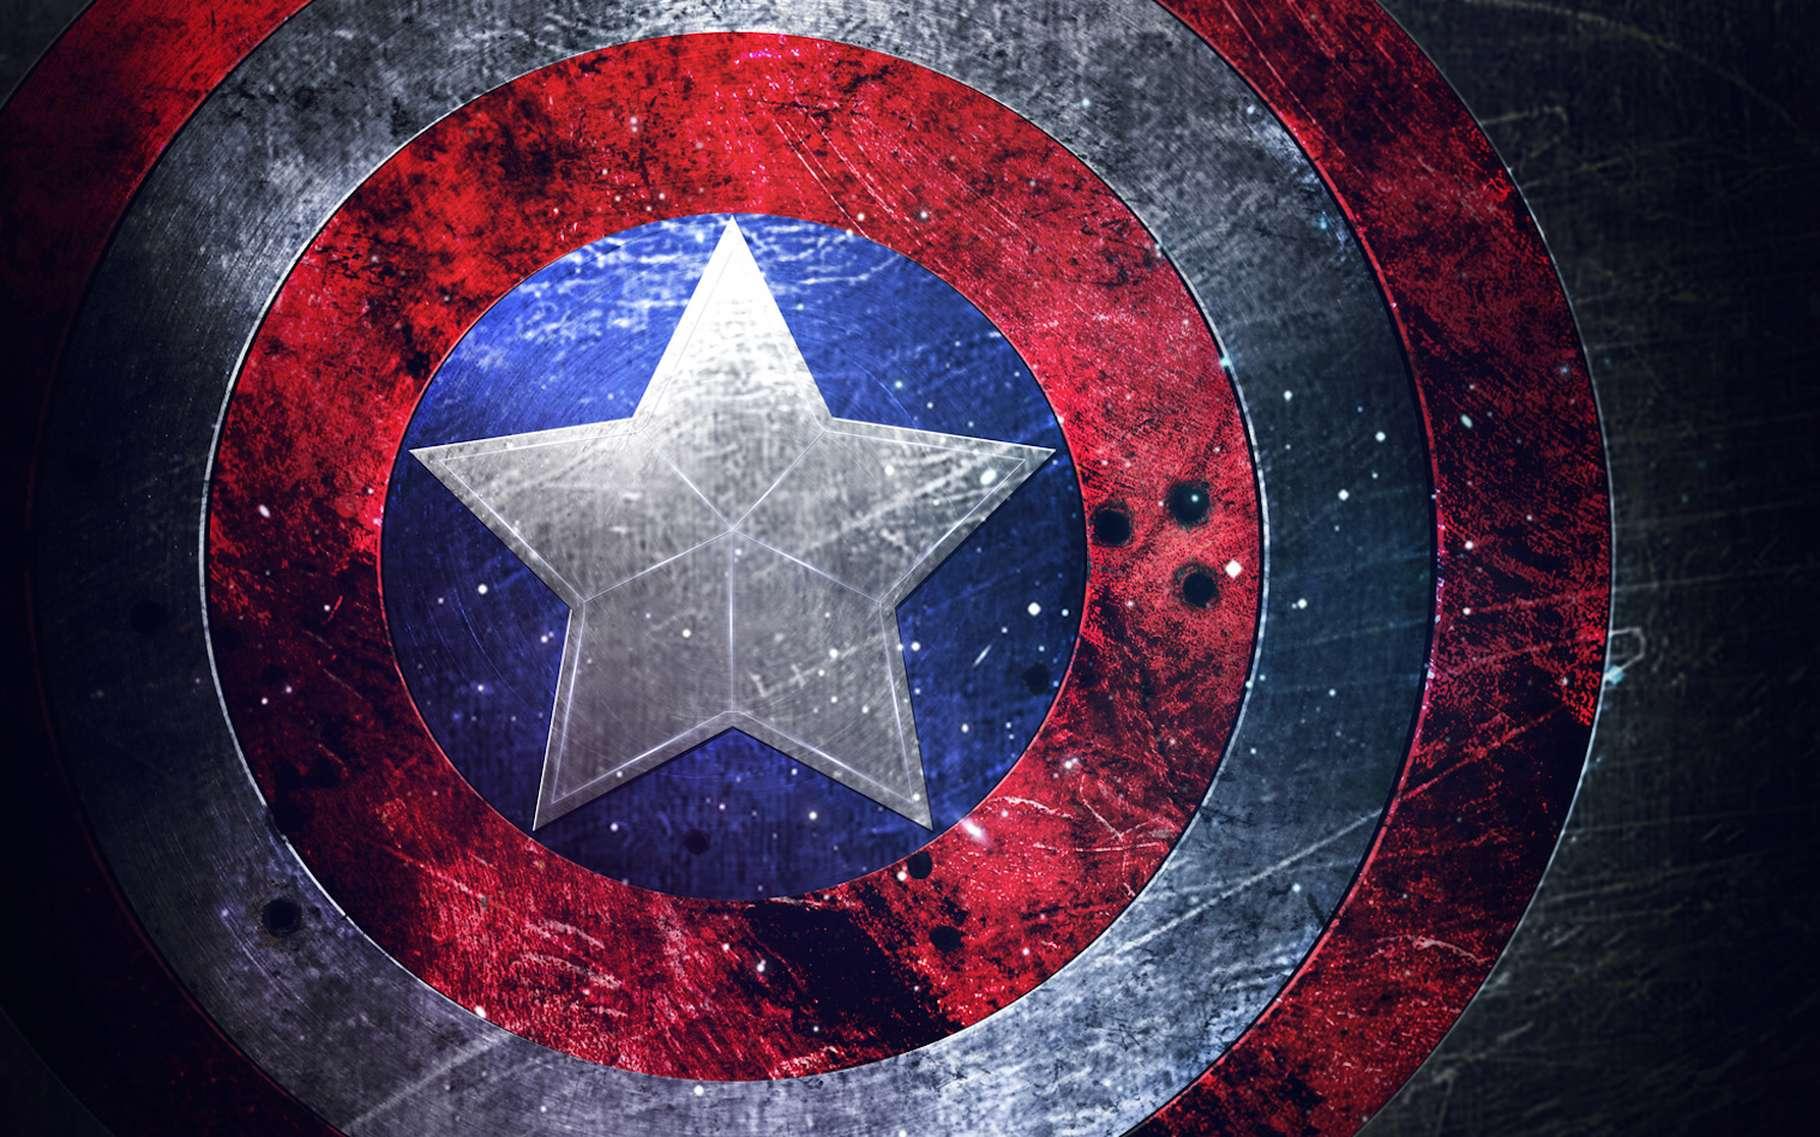 Le bouclier de Captain America est réputé indestructible. Et des chercheurs pensent avoir trouvé le moyen de produire un alliage dont les propriétés physiques se rapprochent de celles de ce bouclier légendaire. © pechanka_123, Fotolia